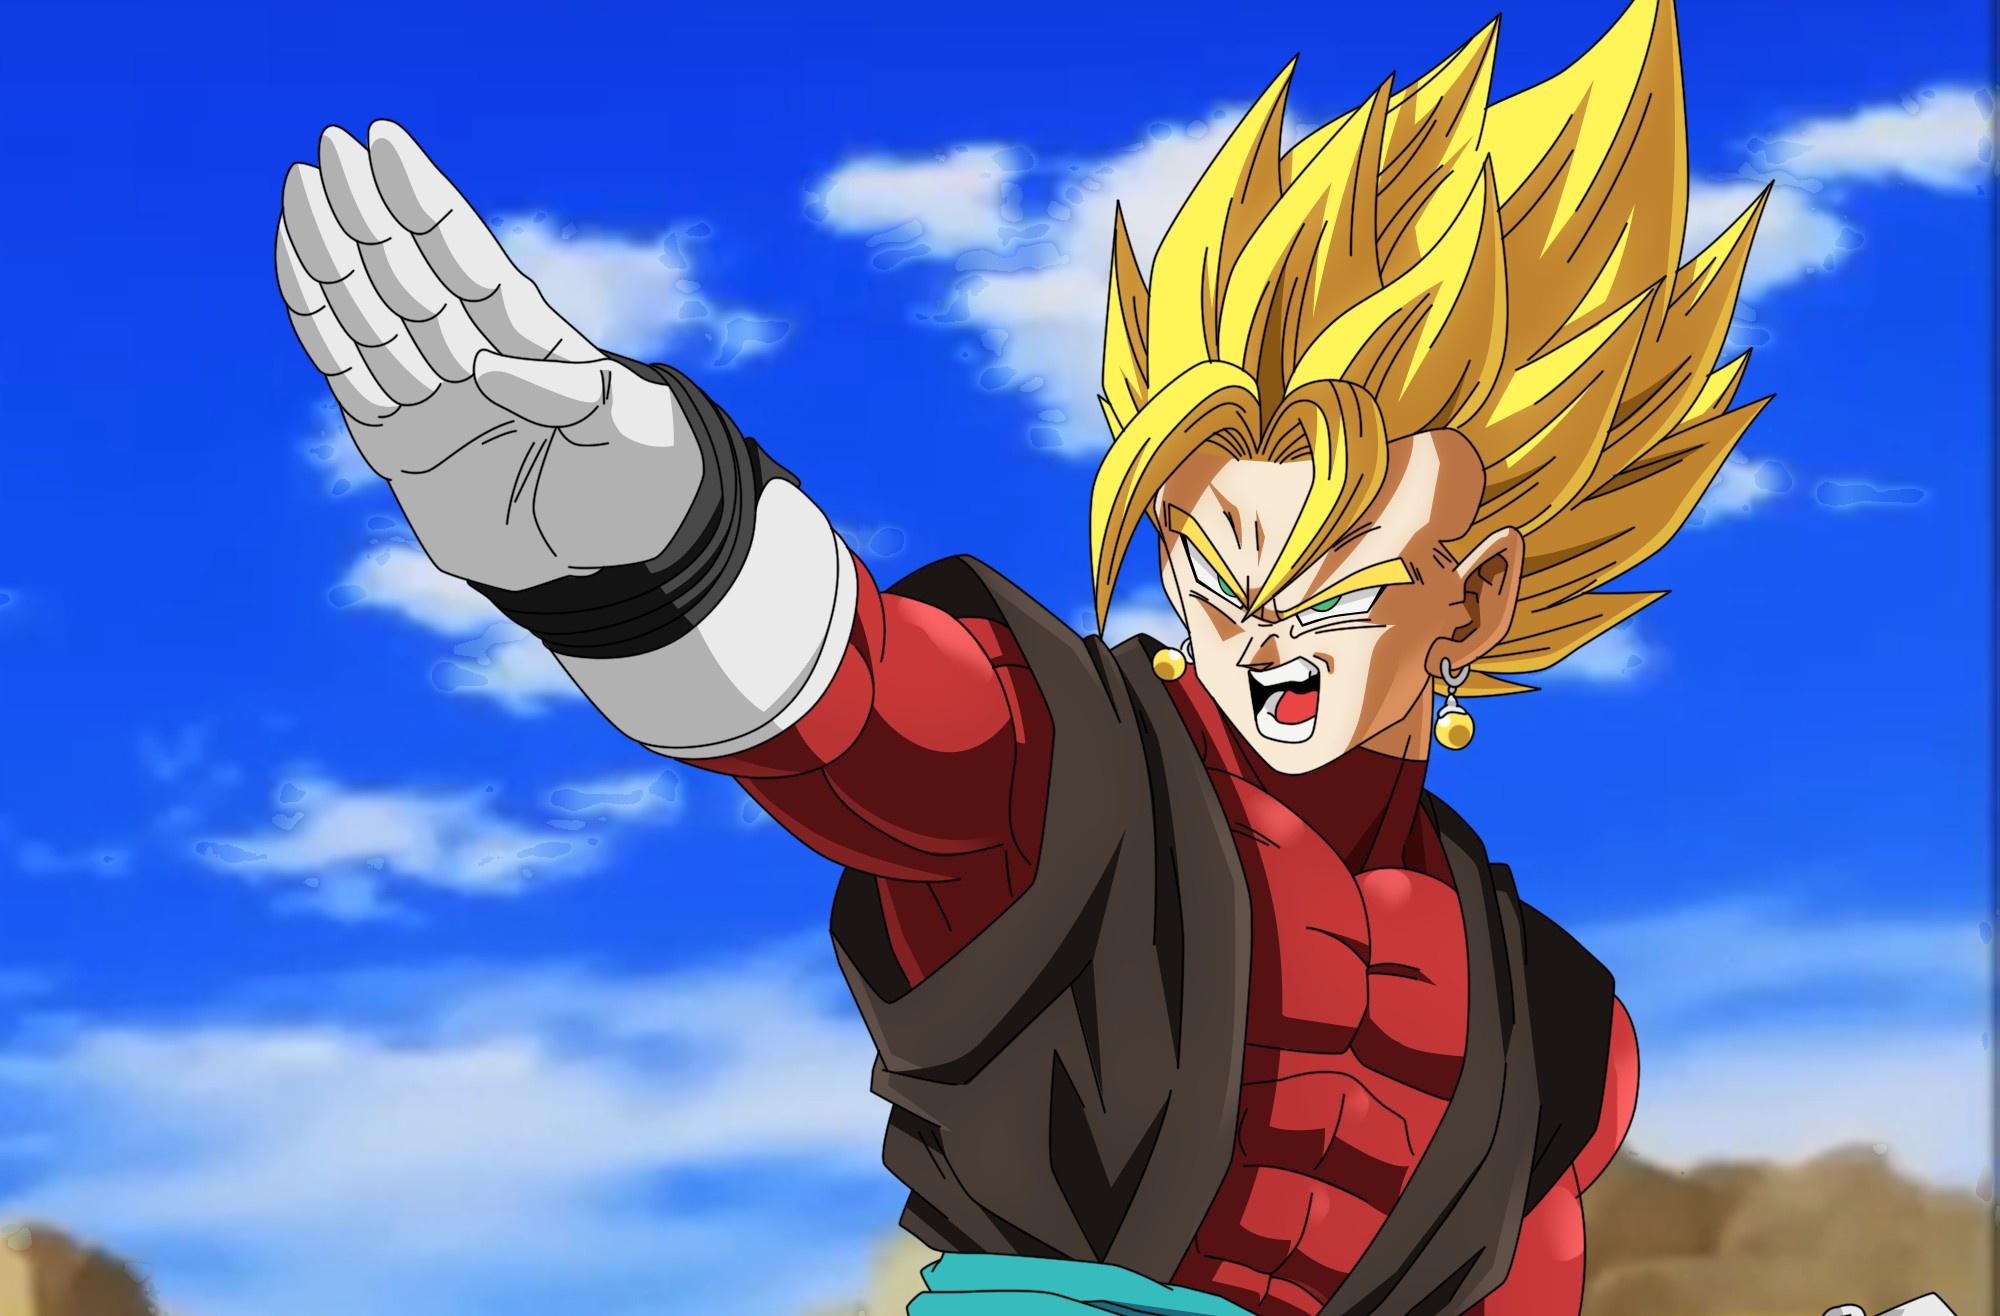 Papel De Parede : Dragon Ball Super, Anime, Esfera Do